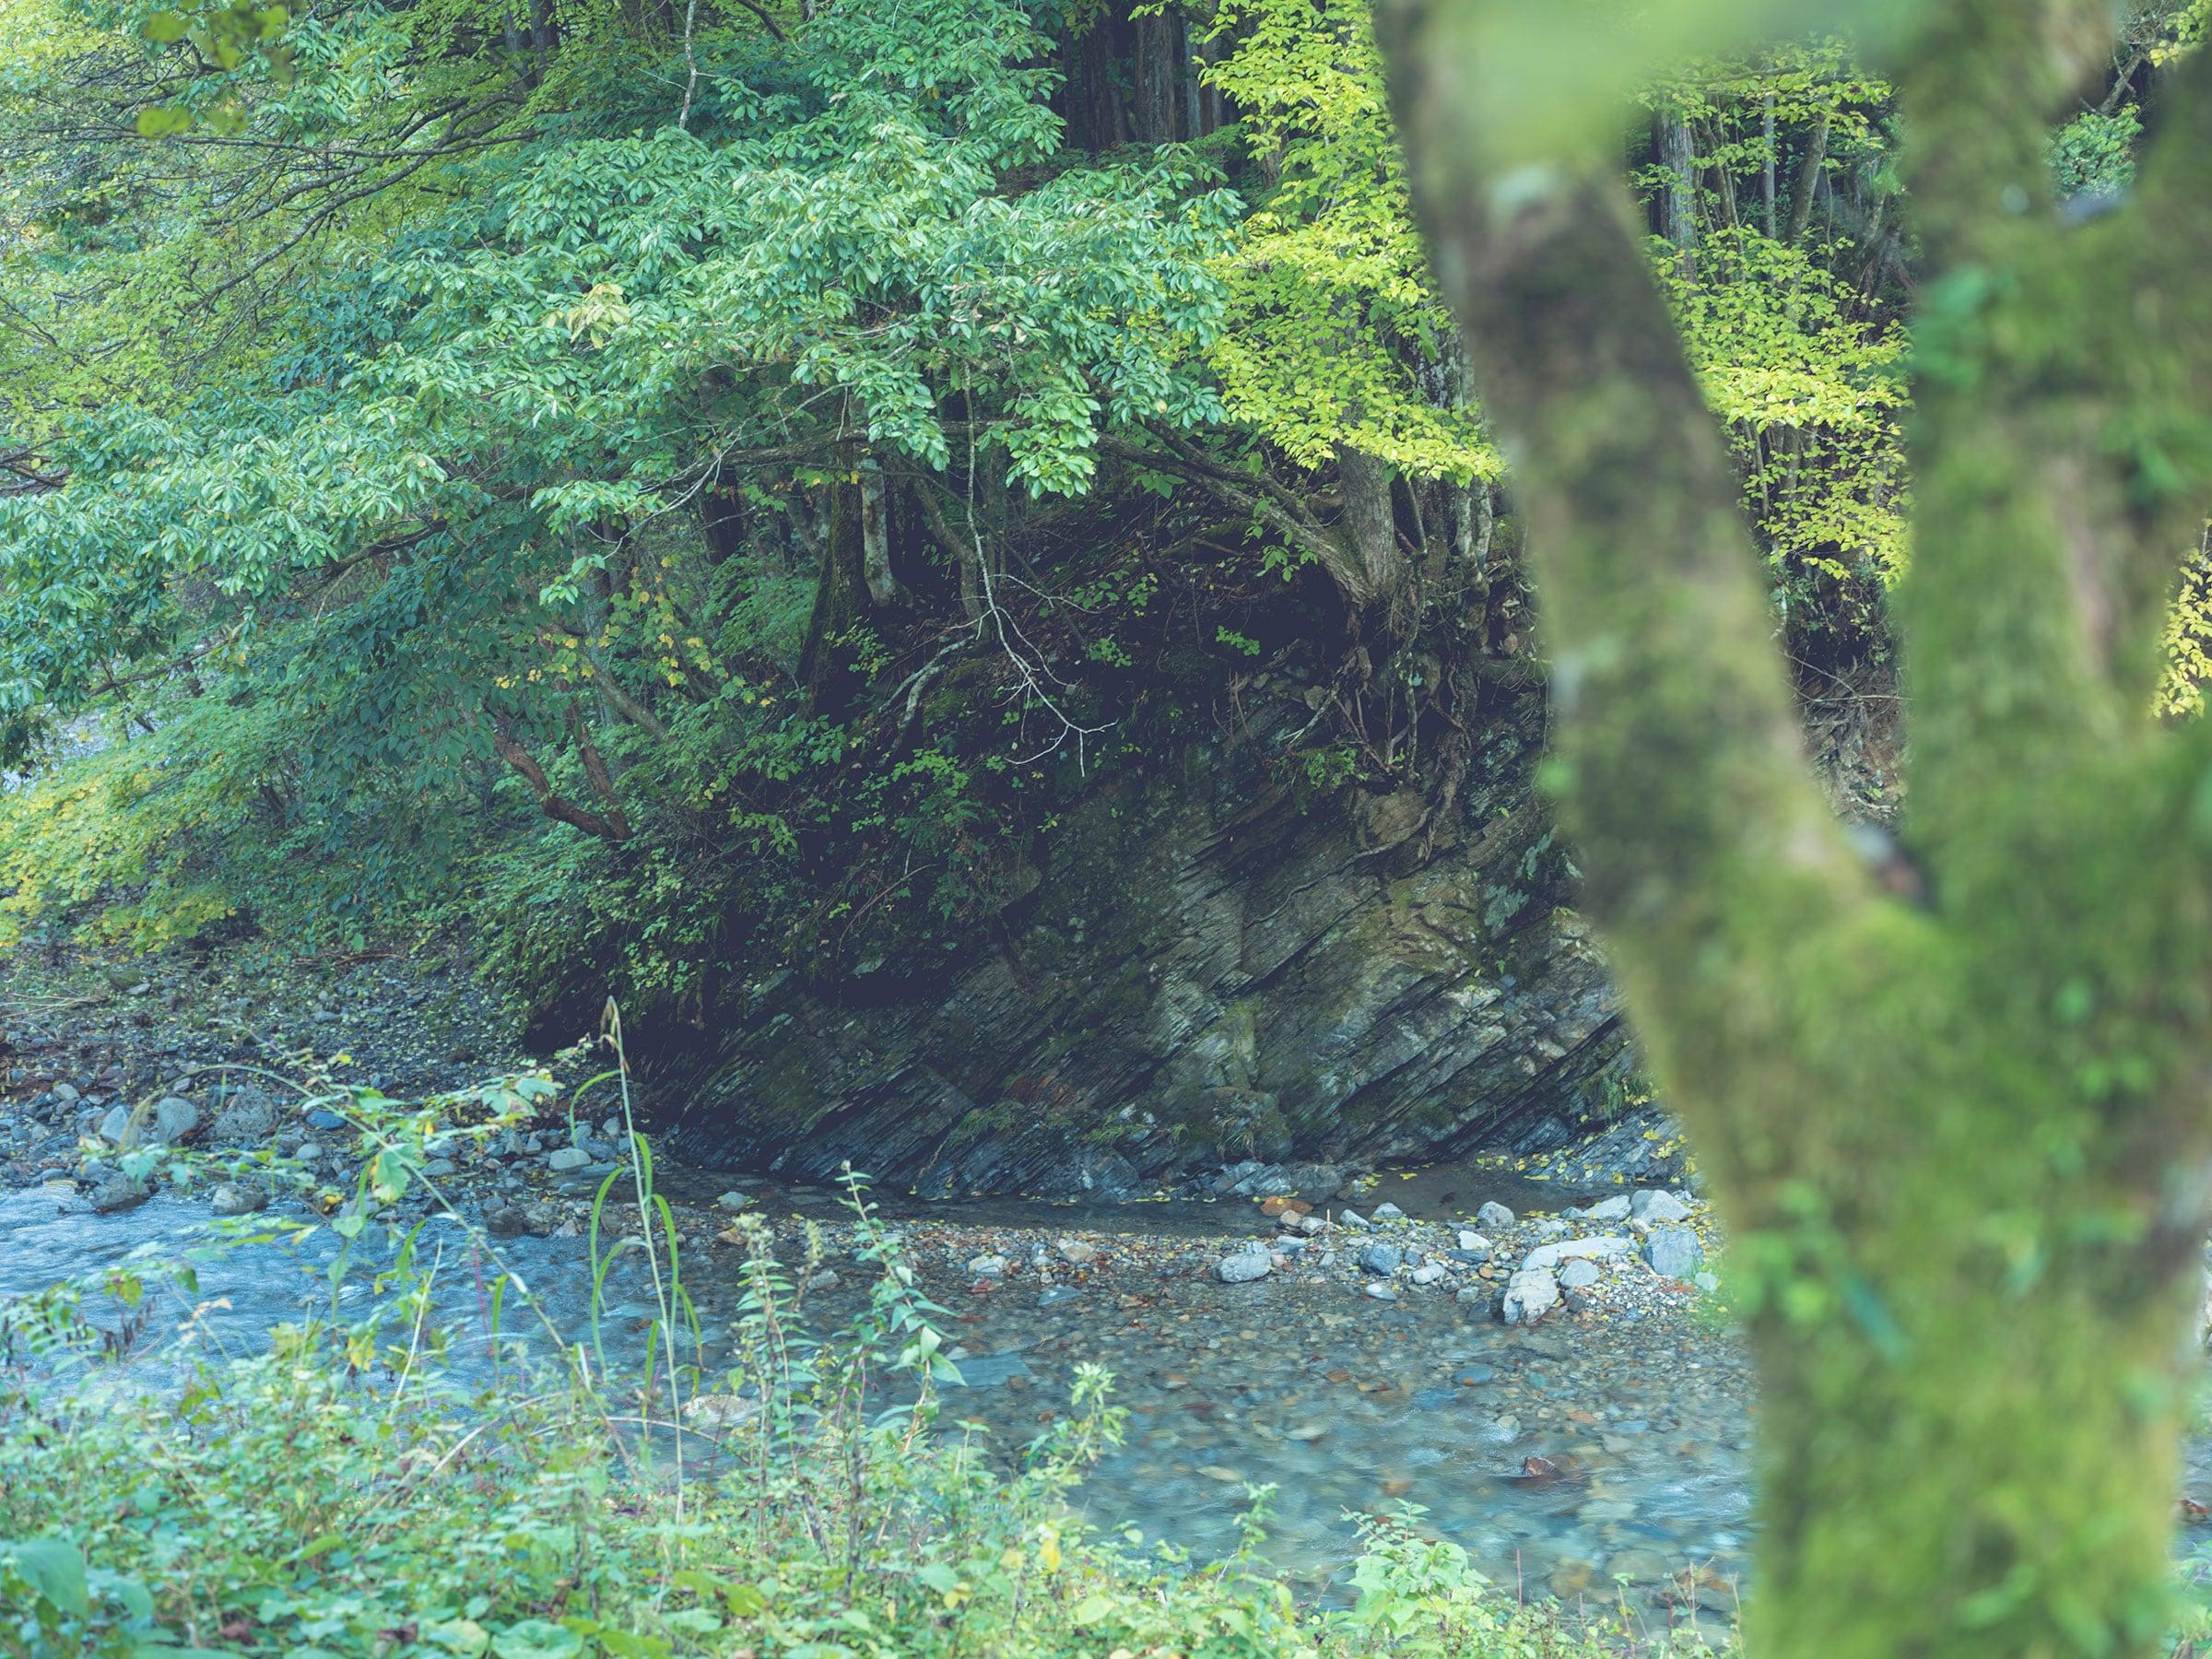 癒しの渓流カフェもグランピングも 思いたったら東京の森へエスケープ!